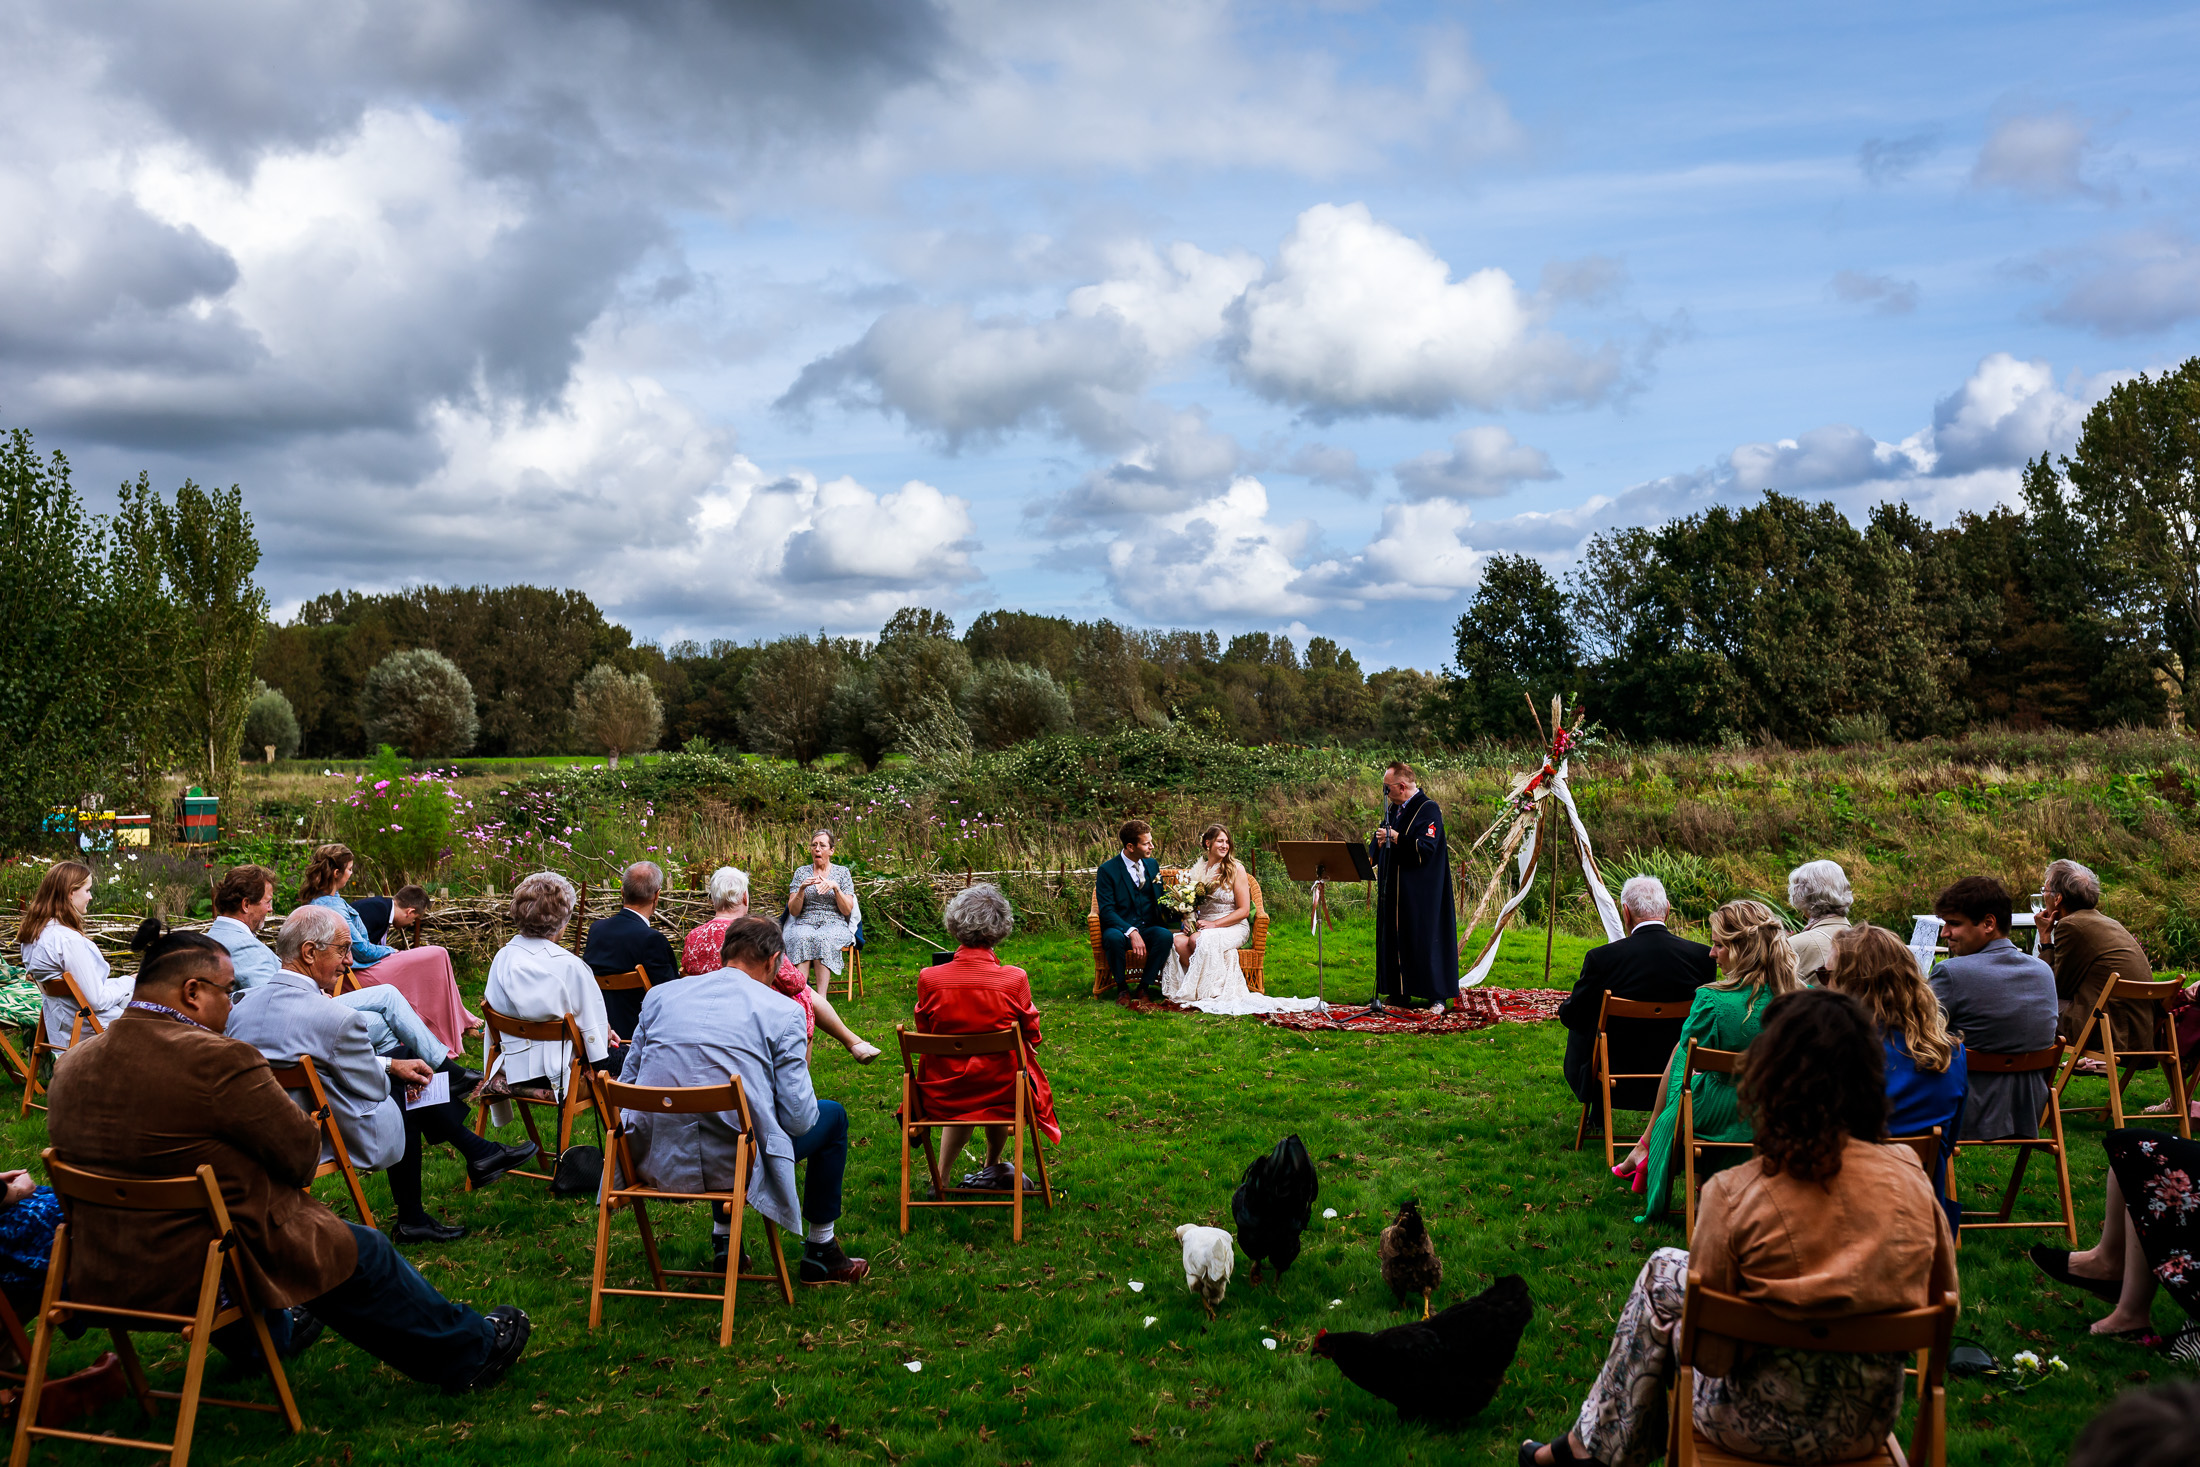 Mooiste trouwlocaties van Nederland | Tuin van de Smid Leiden | Buiten trouwen | Buitenbruiloft | Trouwen in een Kas